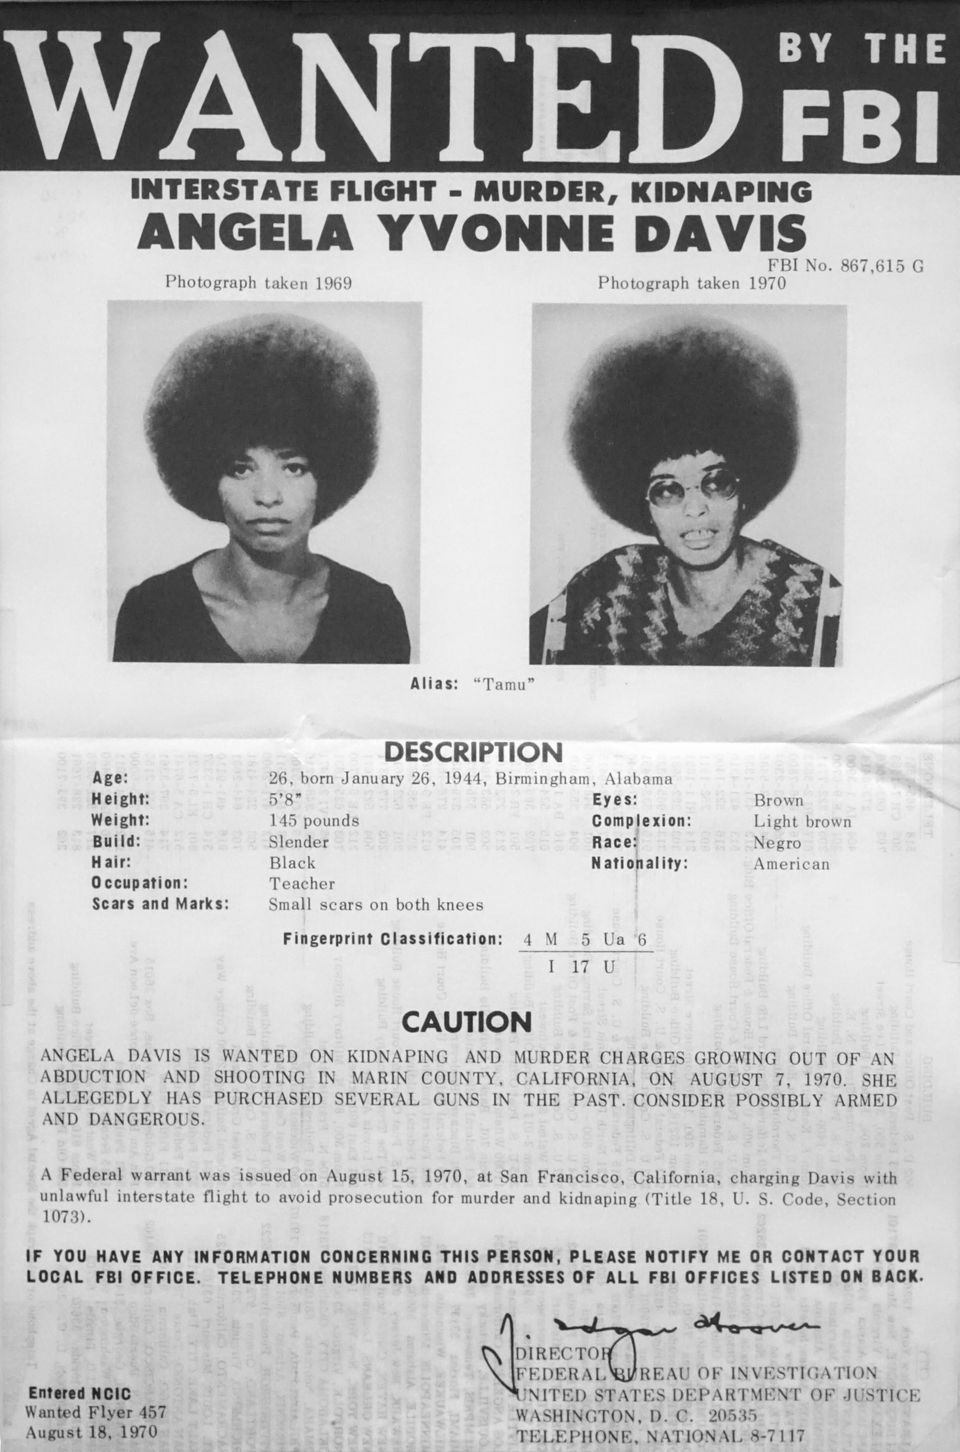 Documento policial com os dados de Angela Davis quando de sua prisão, em 1970.